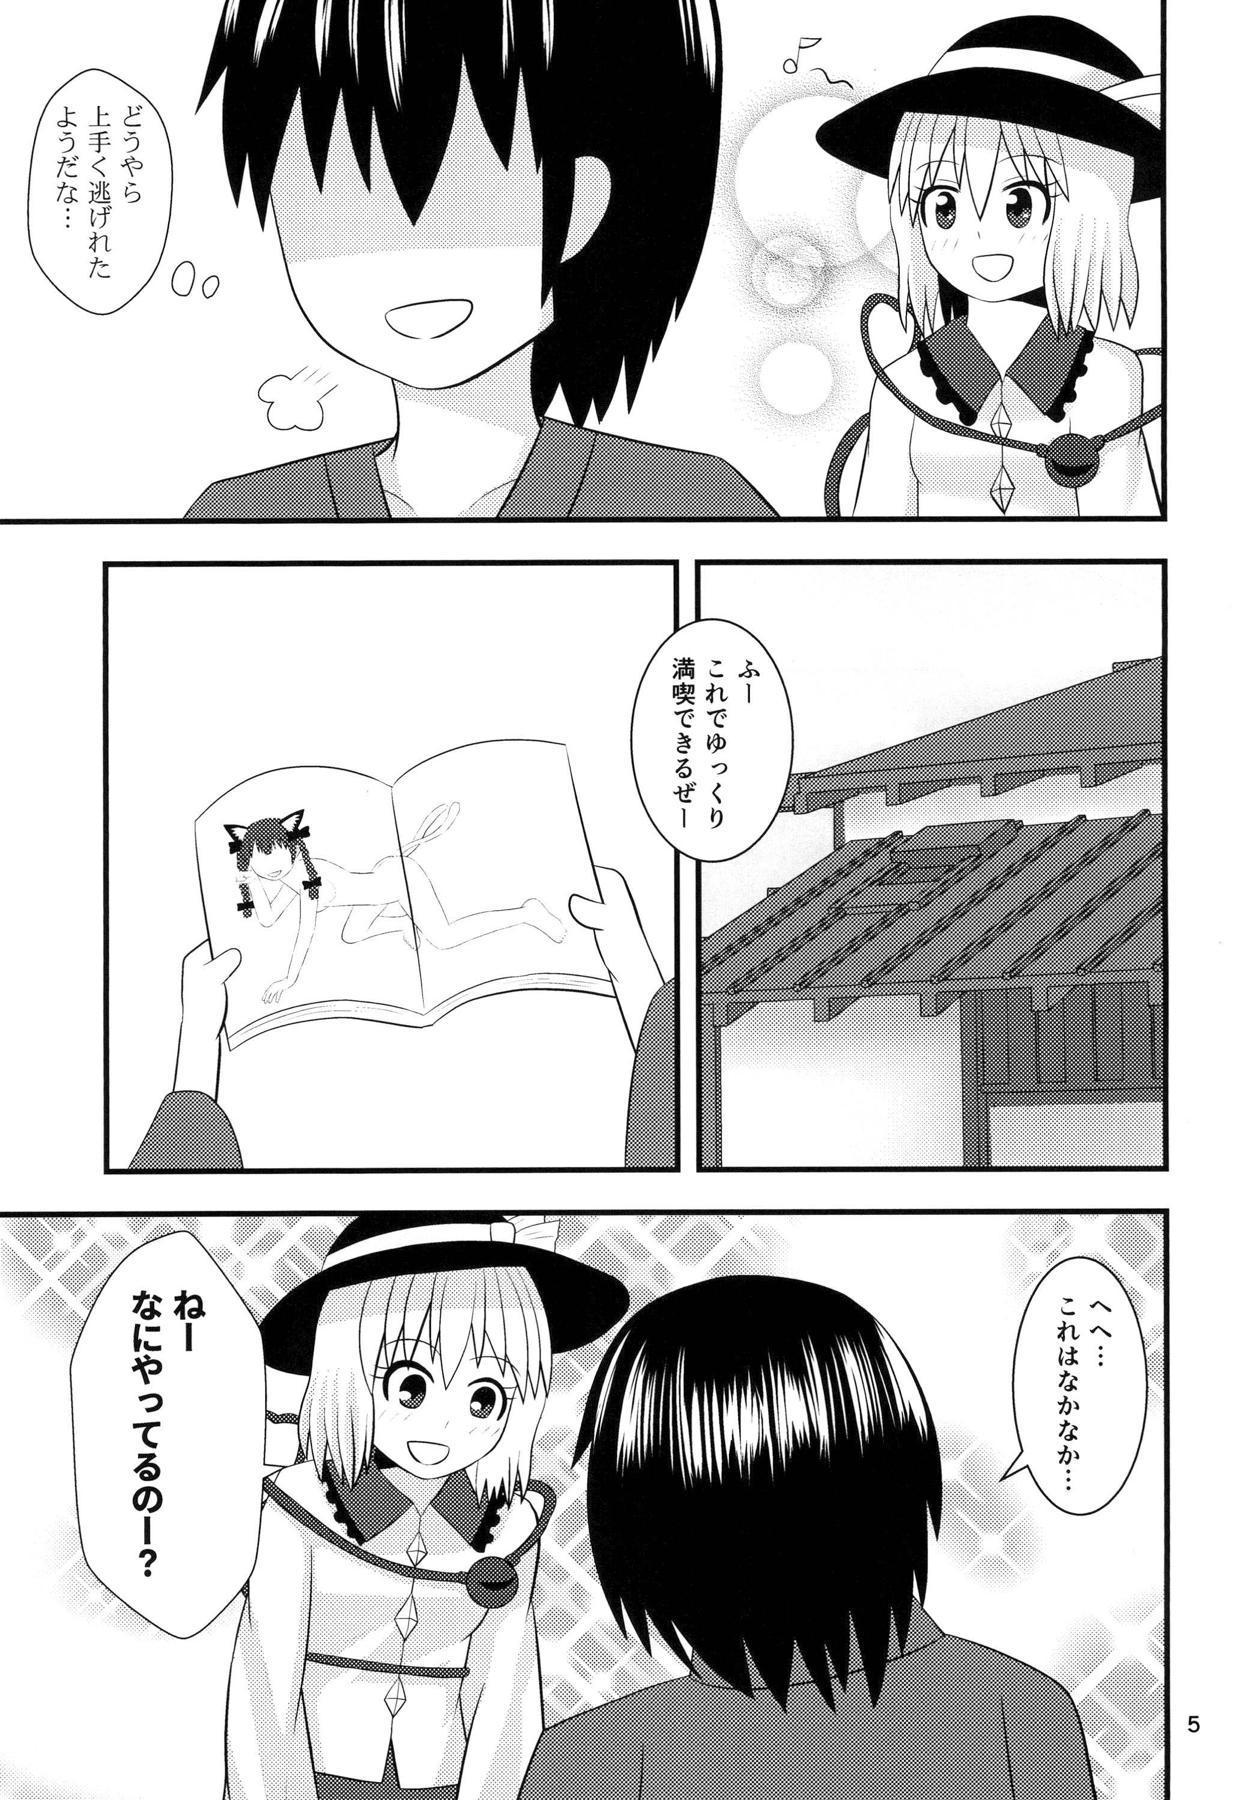 Koishi-chan no Seikatsu 3